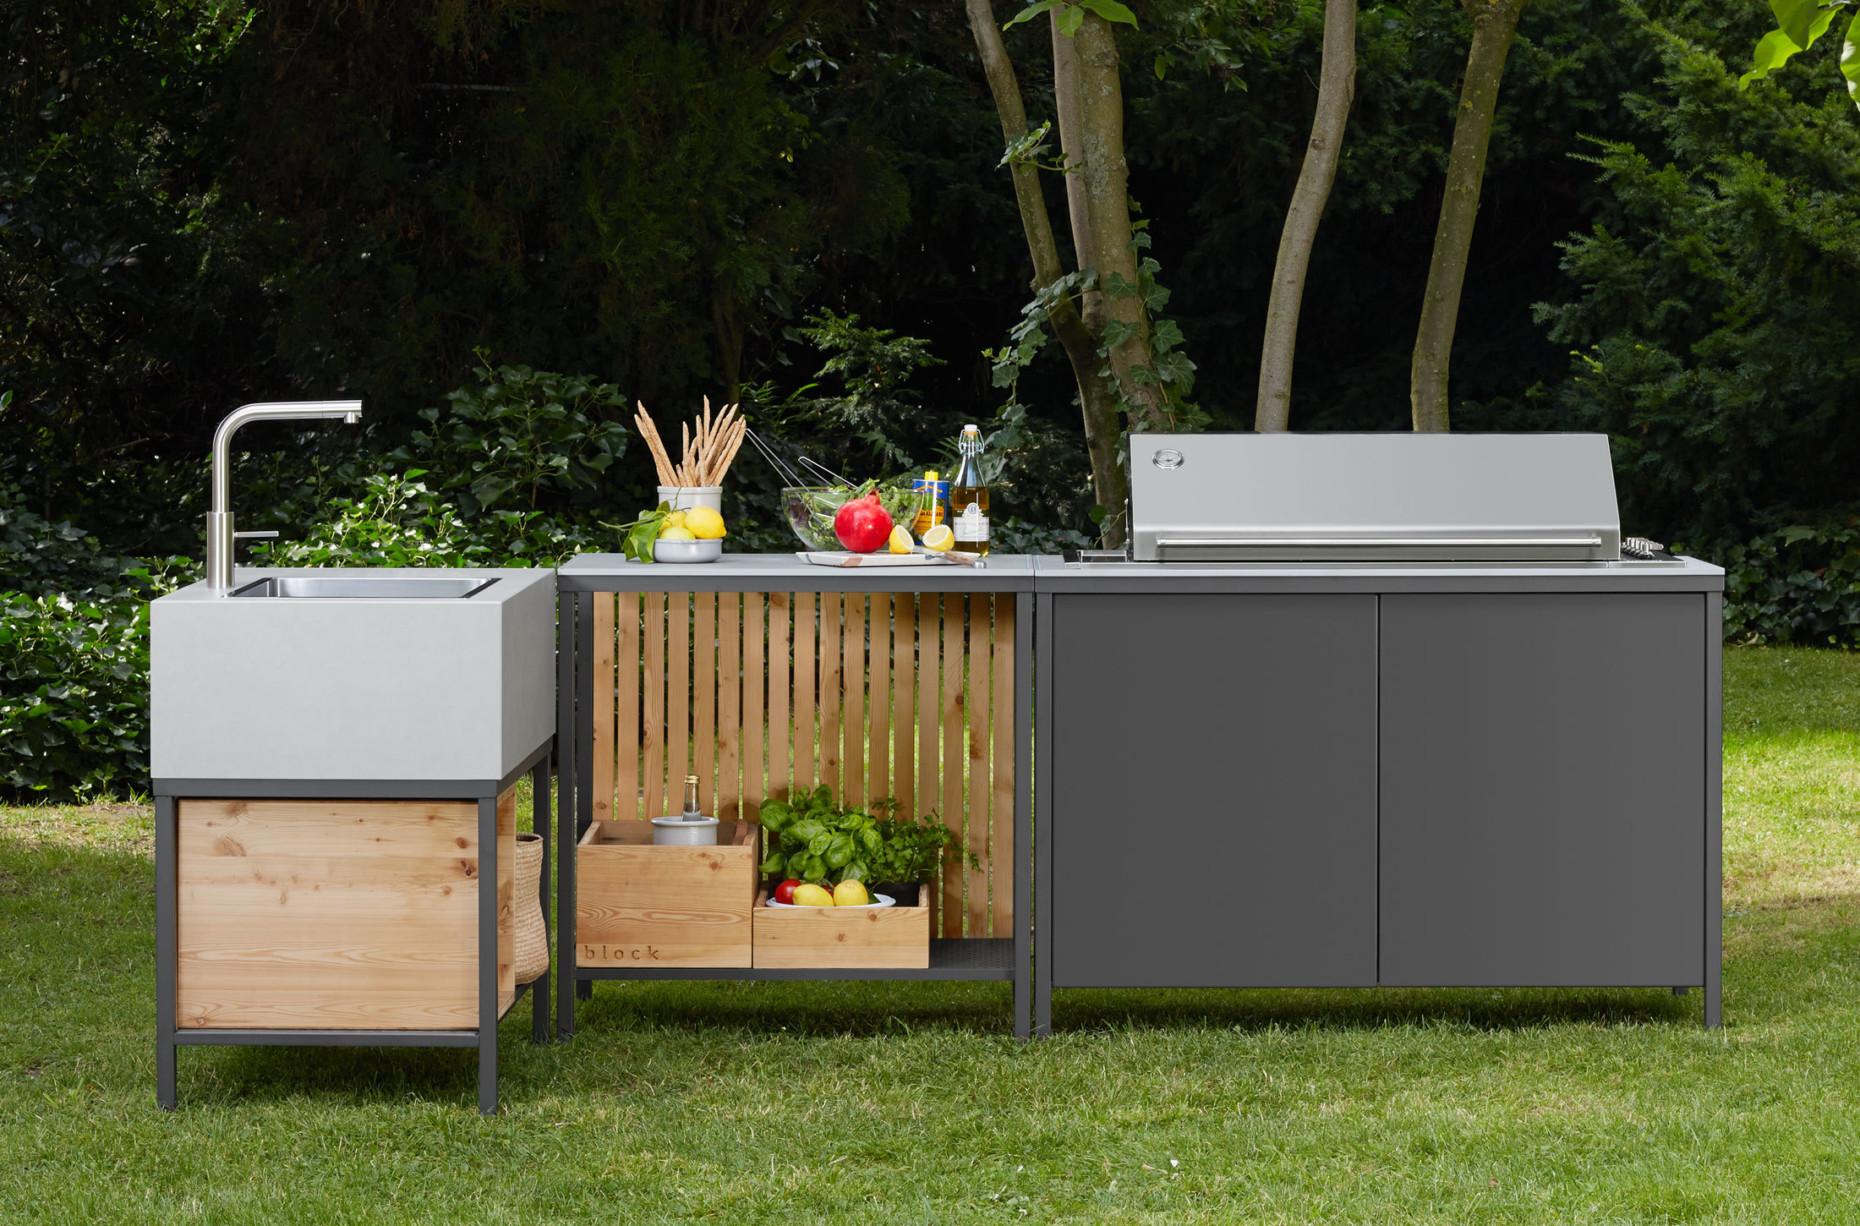 Außenküche Mit Spüle : Bauholz außenküche mit grill spüle arbeitstisch etsy